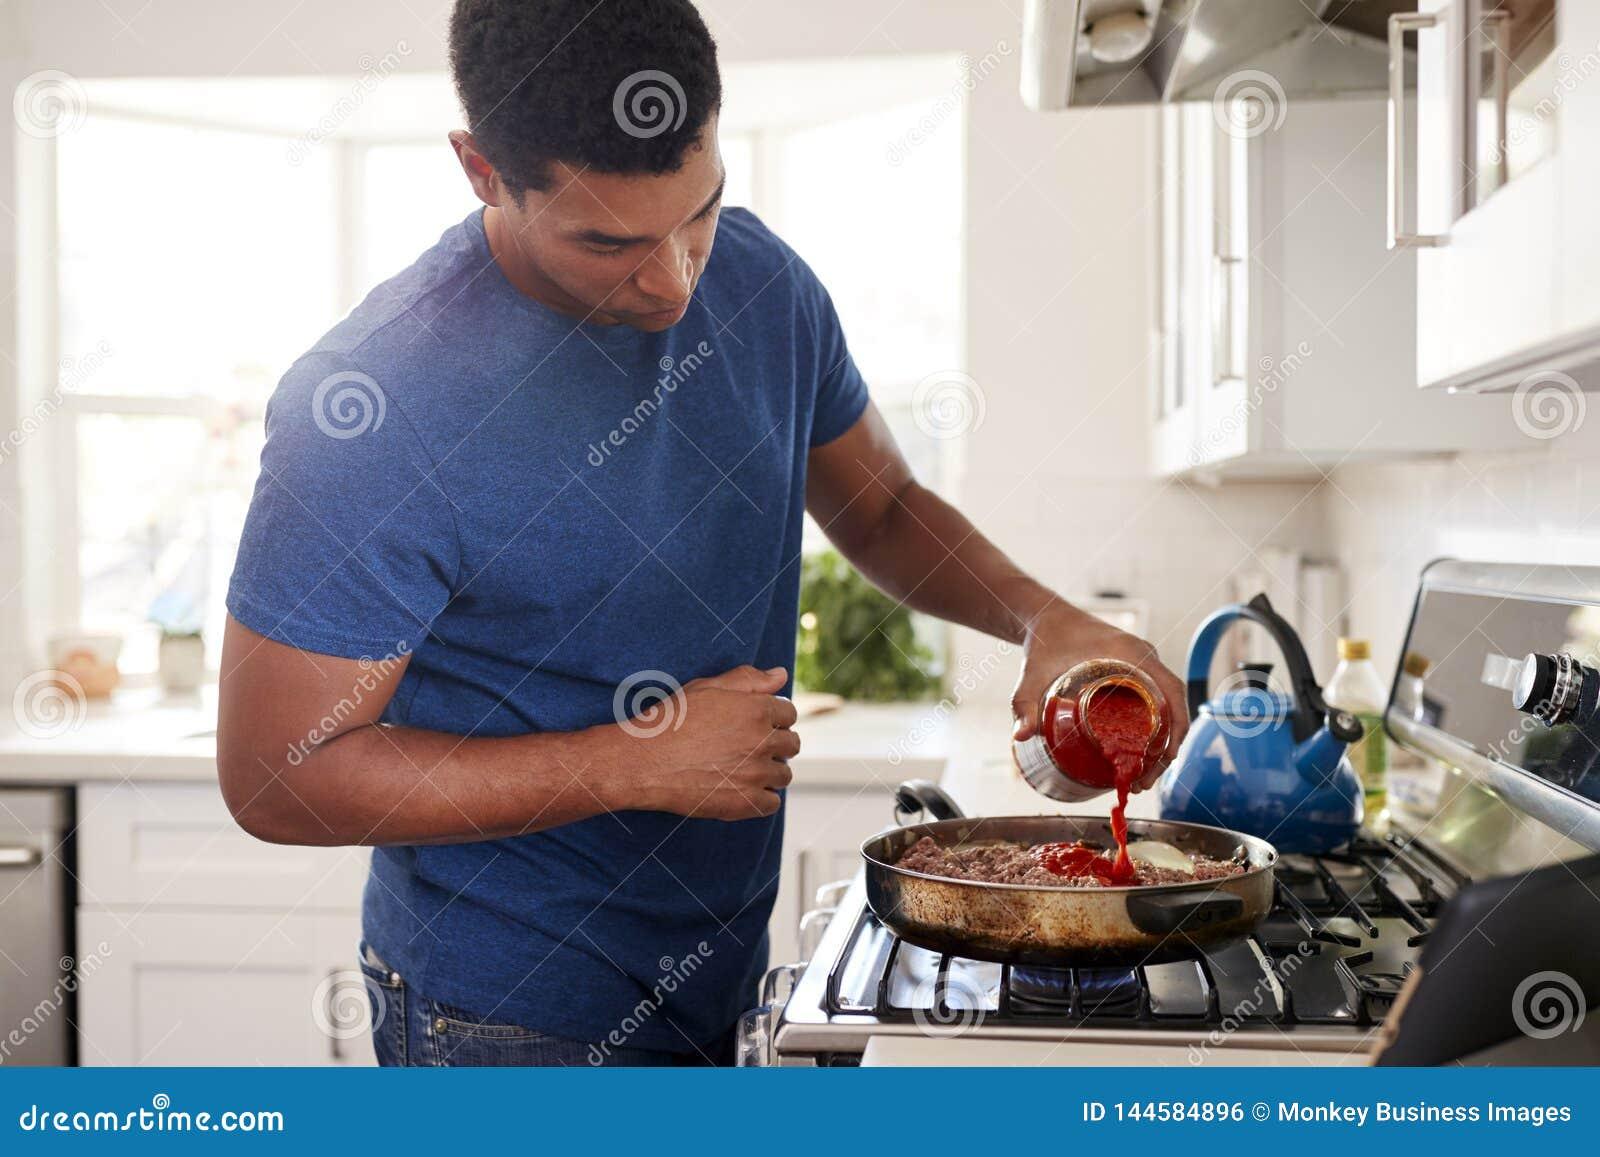 Молодое взрослое Афро-американское положение человека в кухне варя на hob, добавляя соус к сковороде, конец вверх